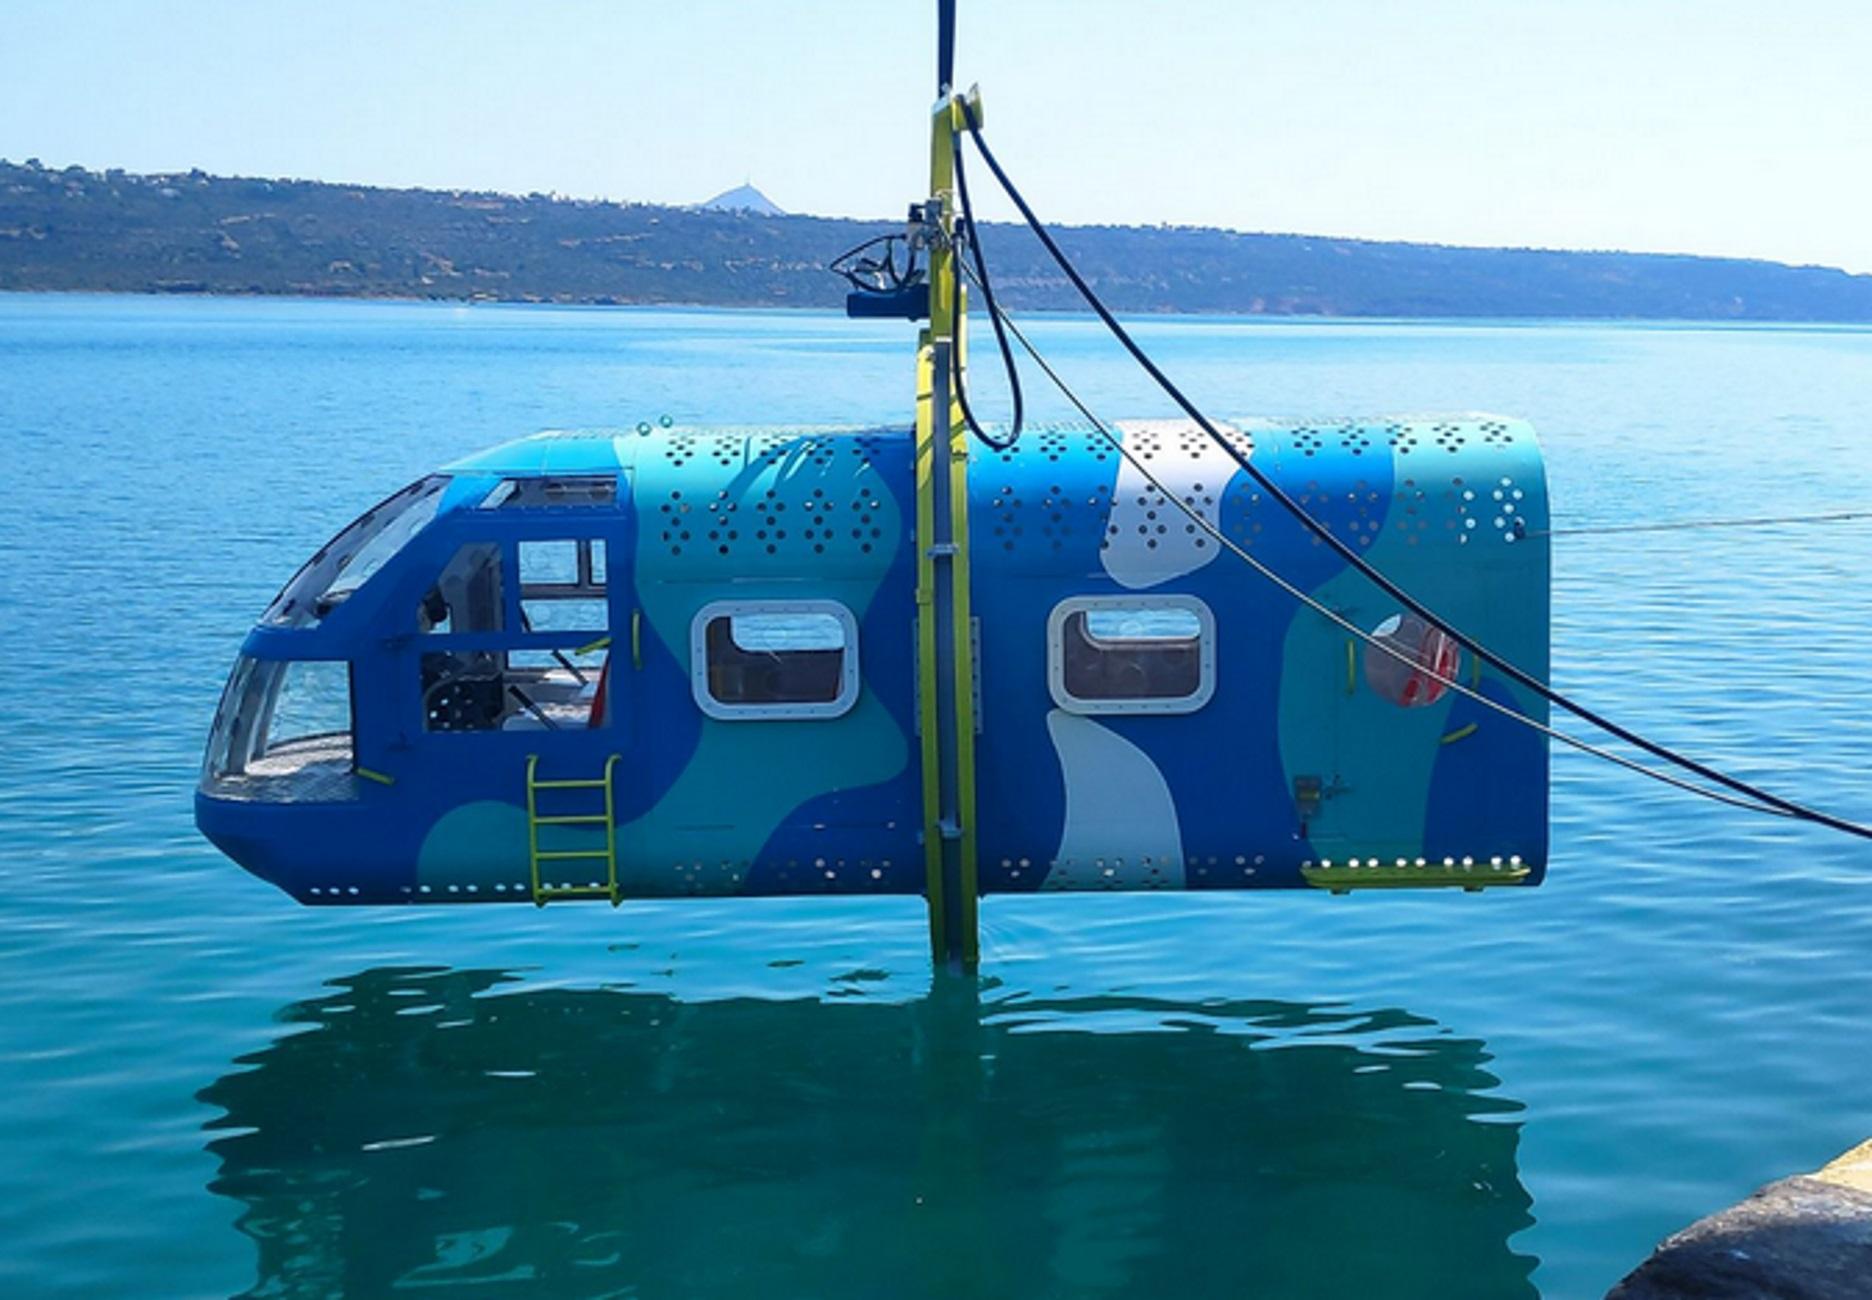 Χανιά: Εξομοιωτής ελικοπτέρου βυθίζεται στο λιμάνι – Δείτε την τελευταία δοκιμή πριν την παράδοση